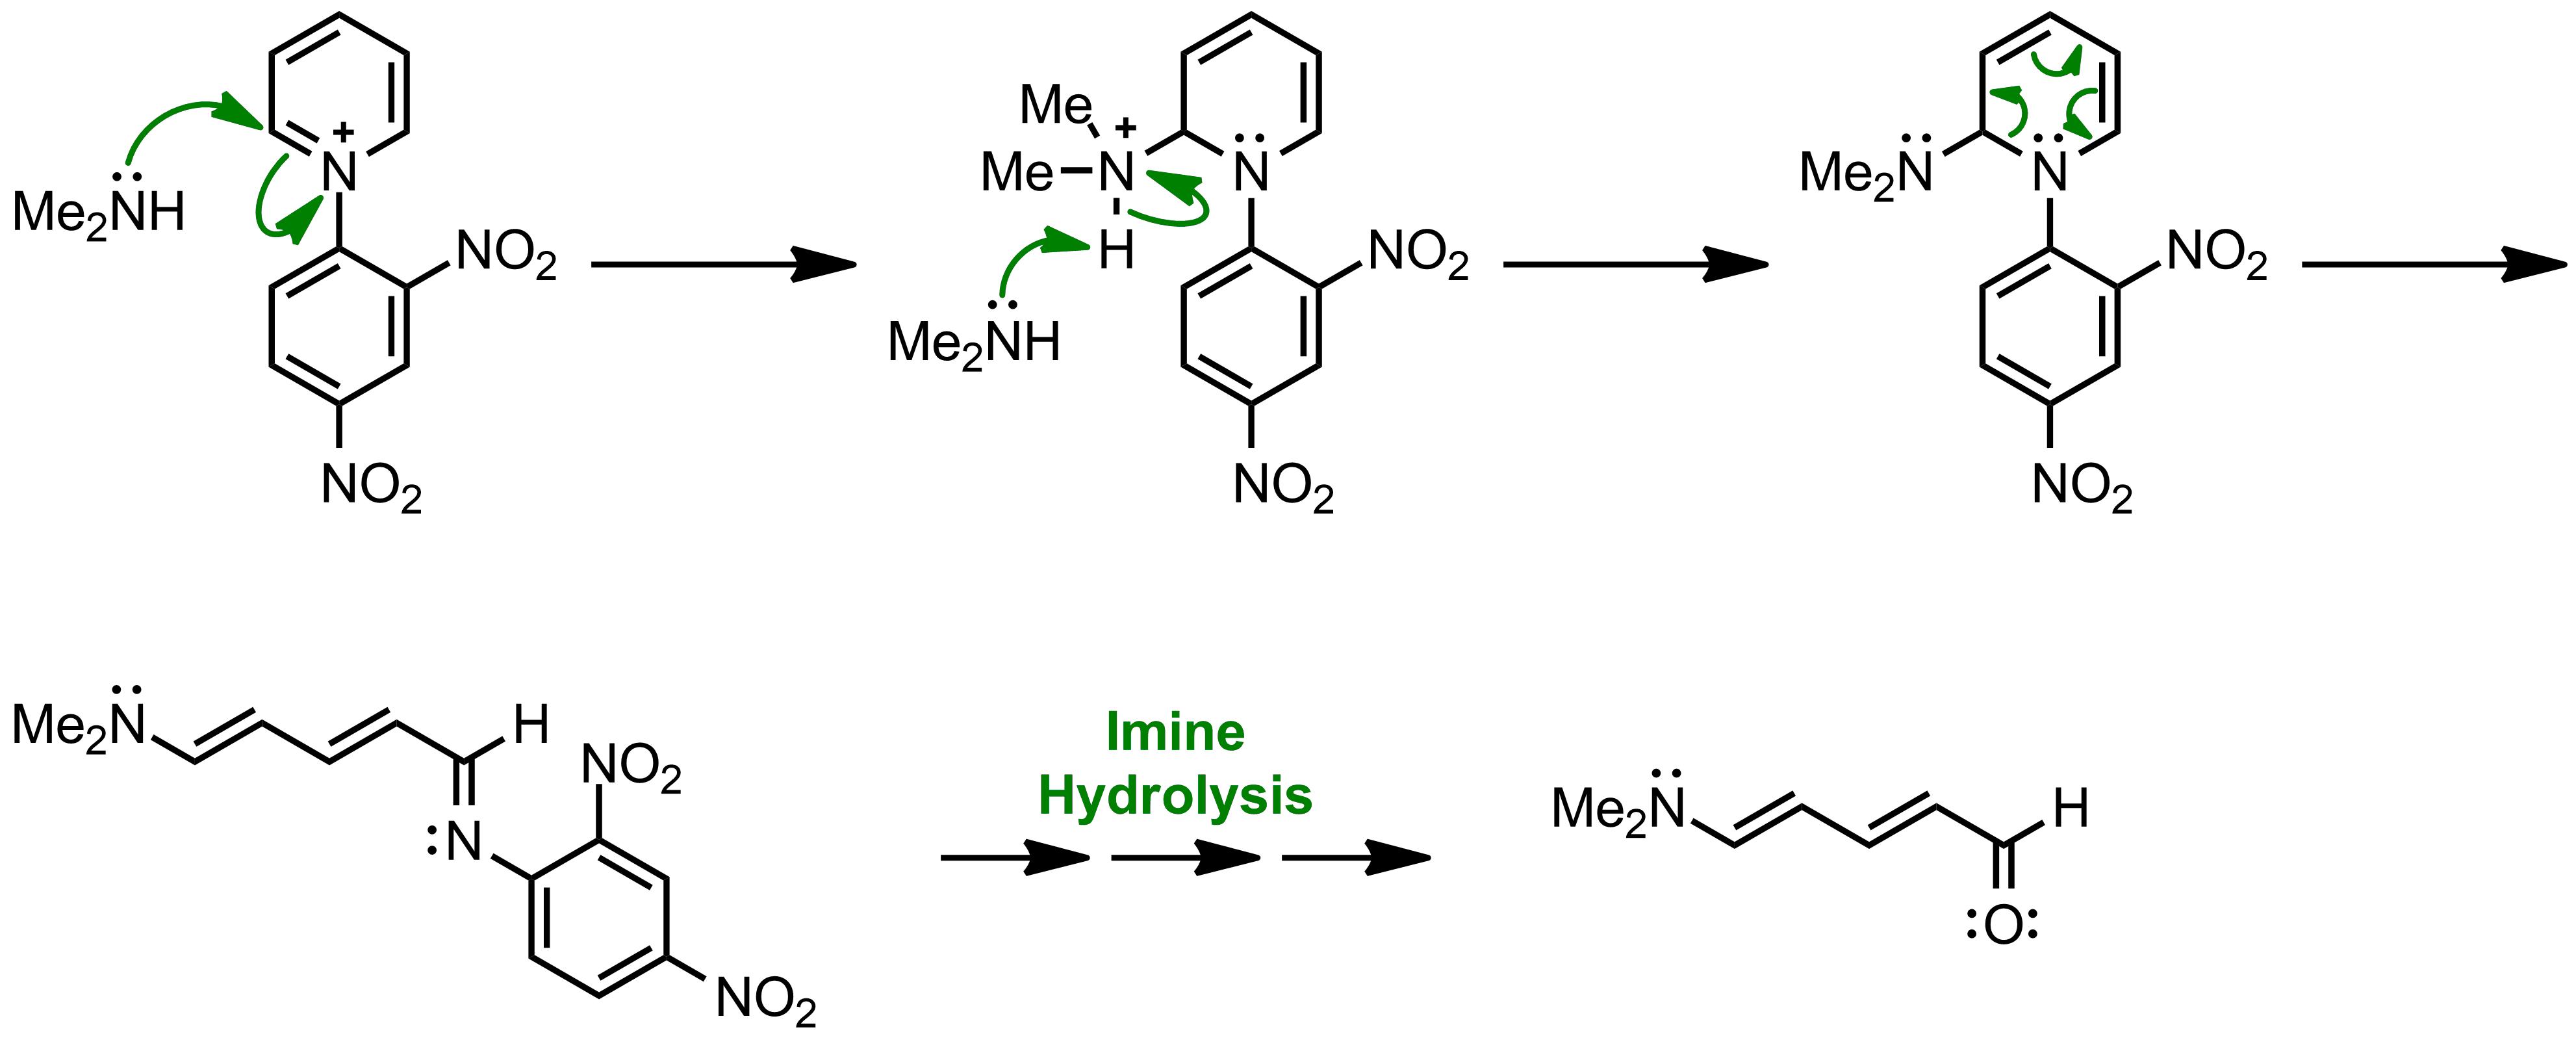 Mechanism of the Zincke Reaction